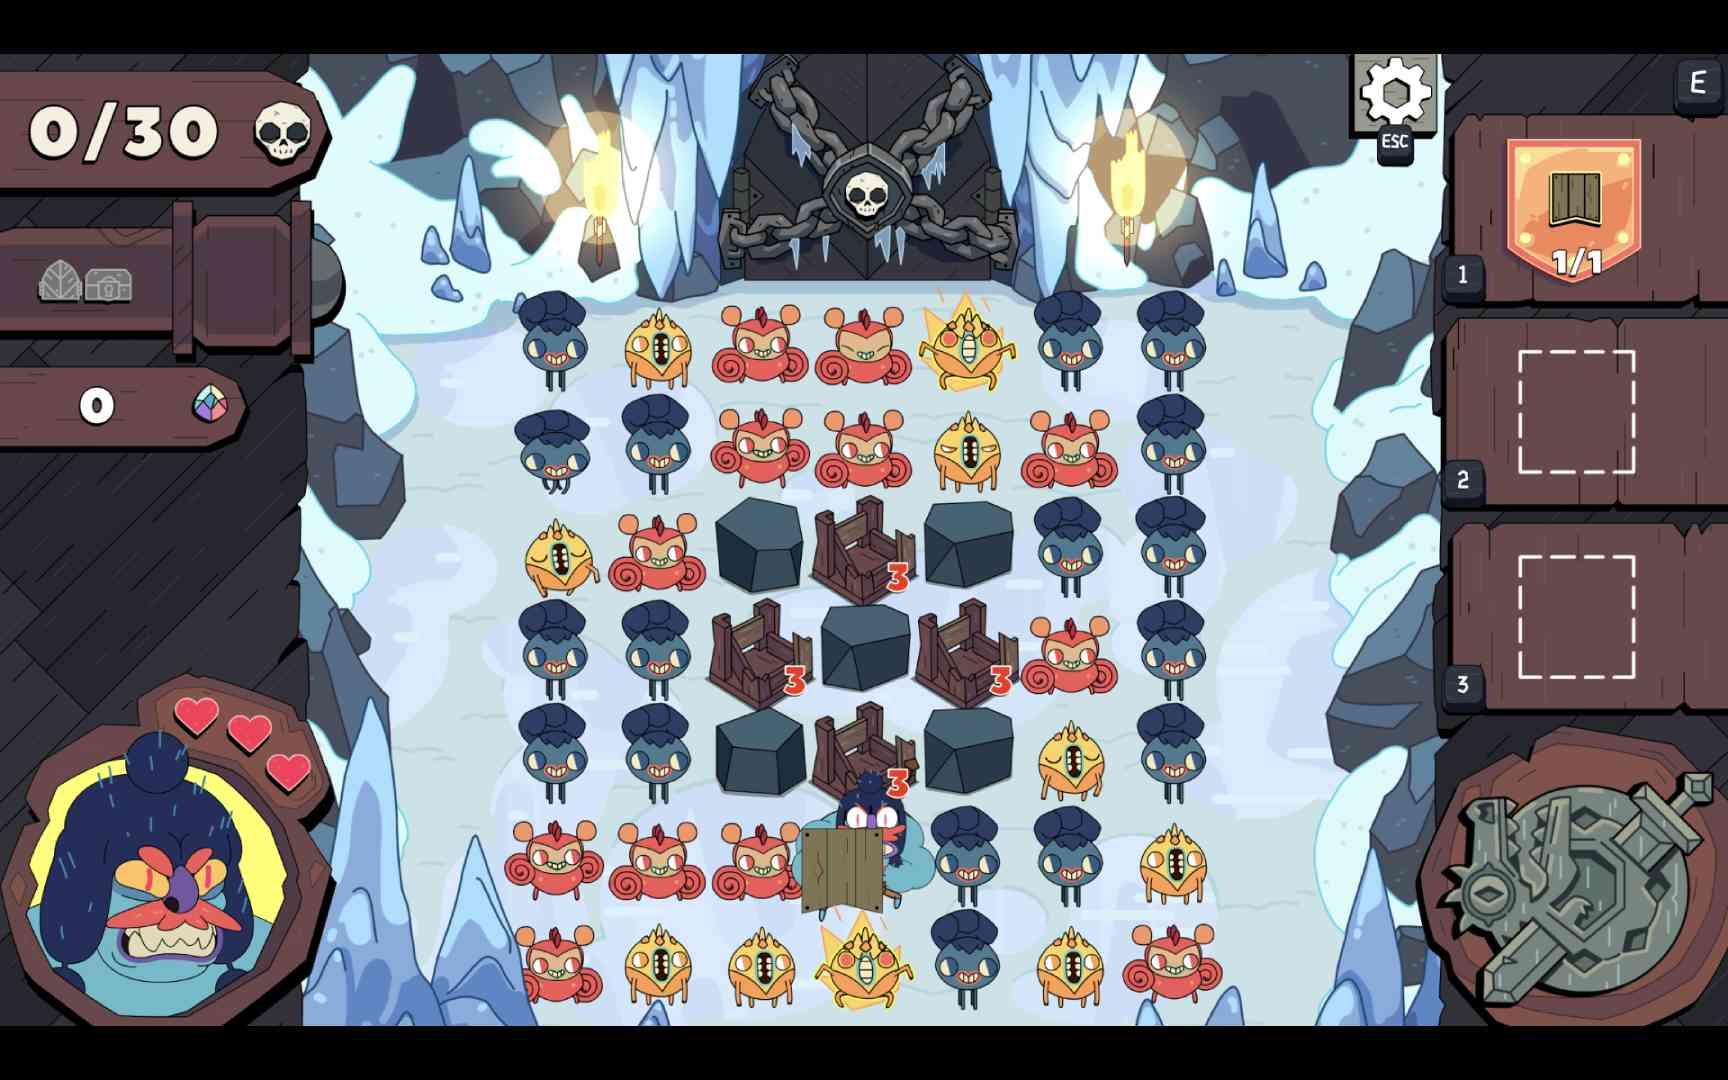 Captura de tela do jogo Grindstone